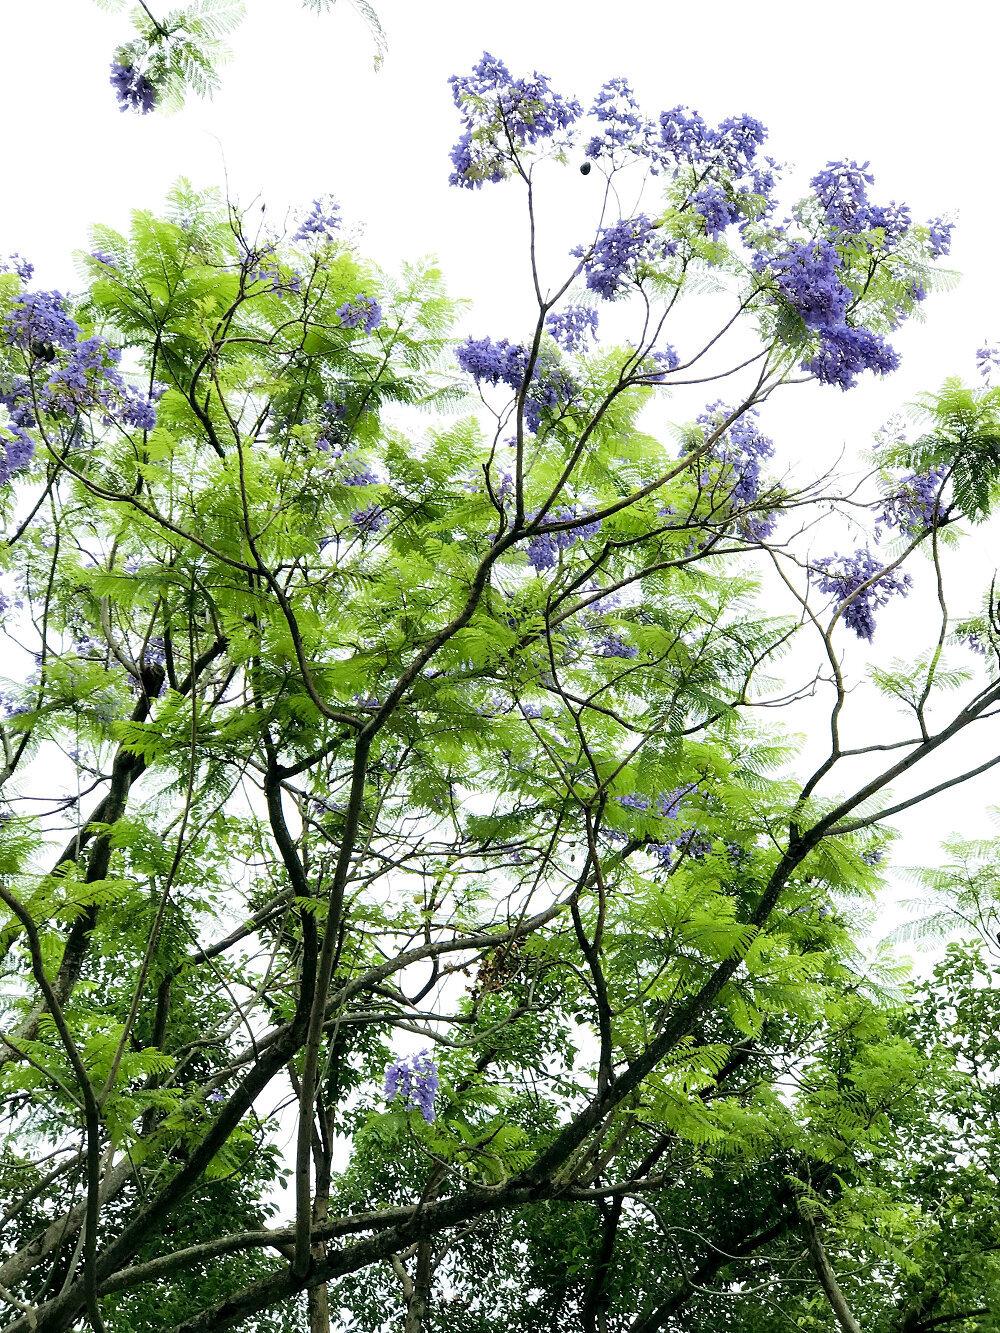 藍花楹高可達15公尺以上 (圖片來源:台北市政府工務局)